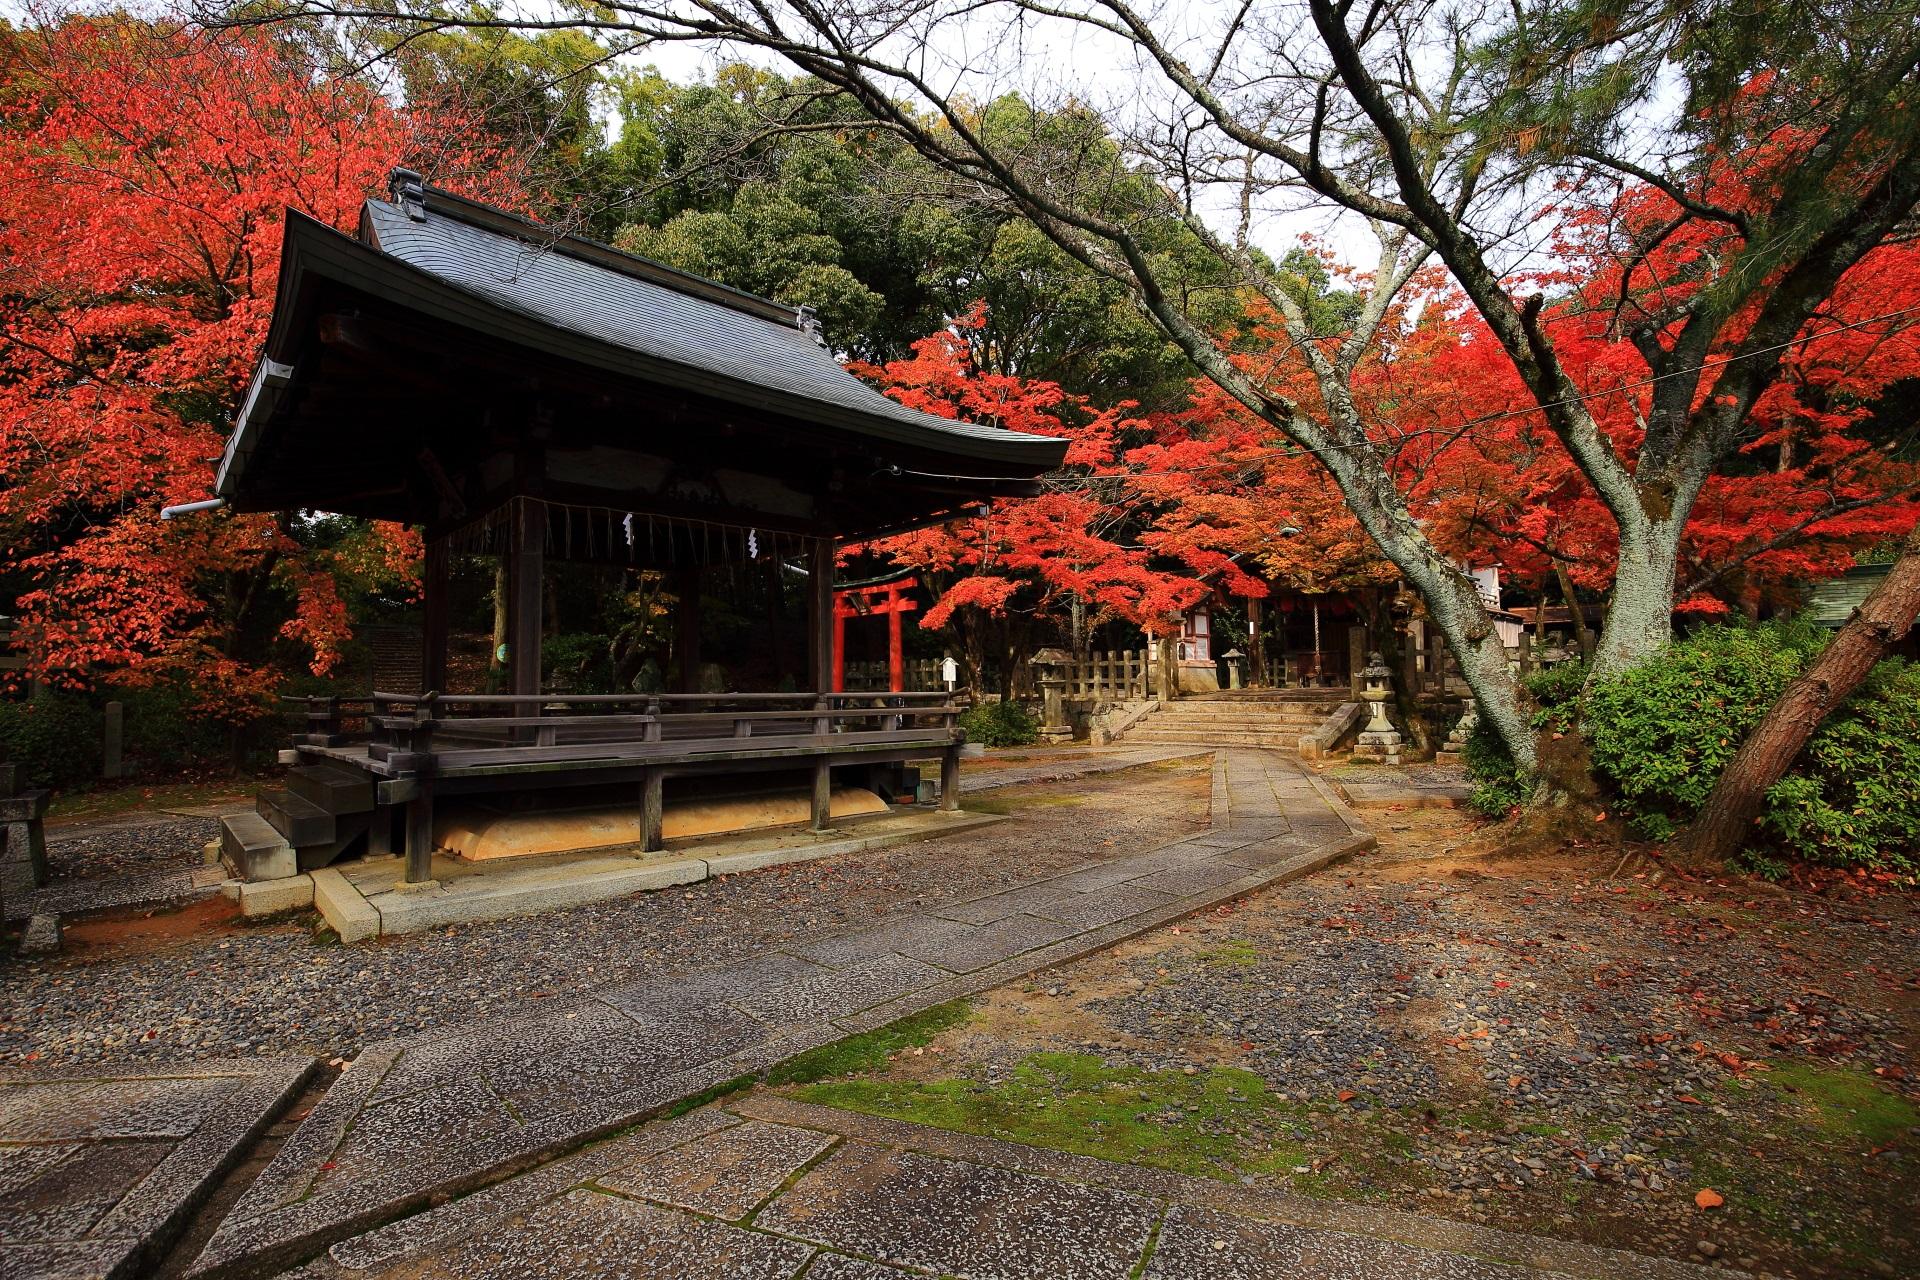 竹中稲荷神社の拝殿や境内をつつむ絶品の秋色の空間